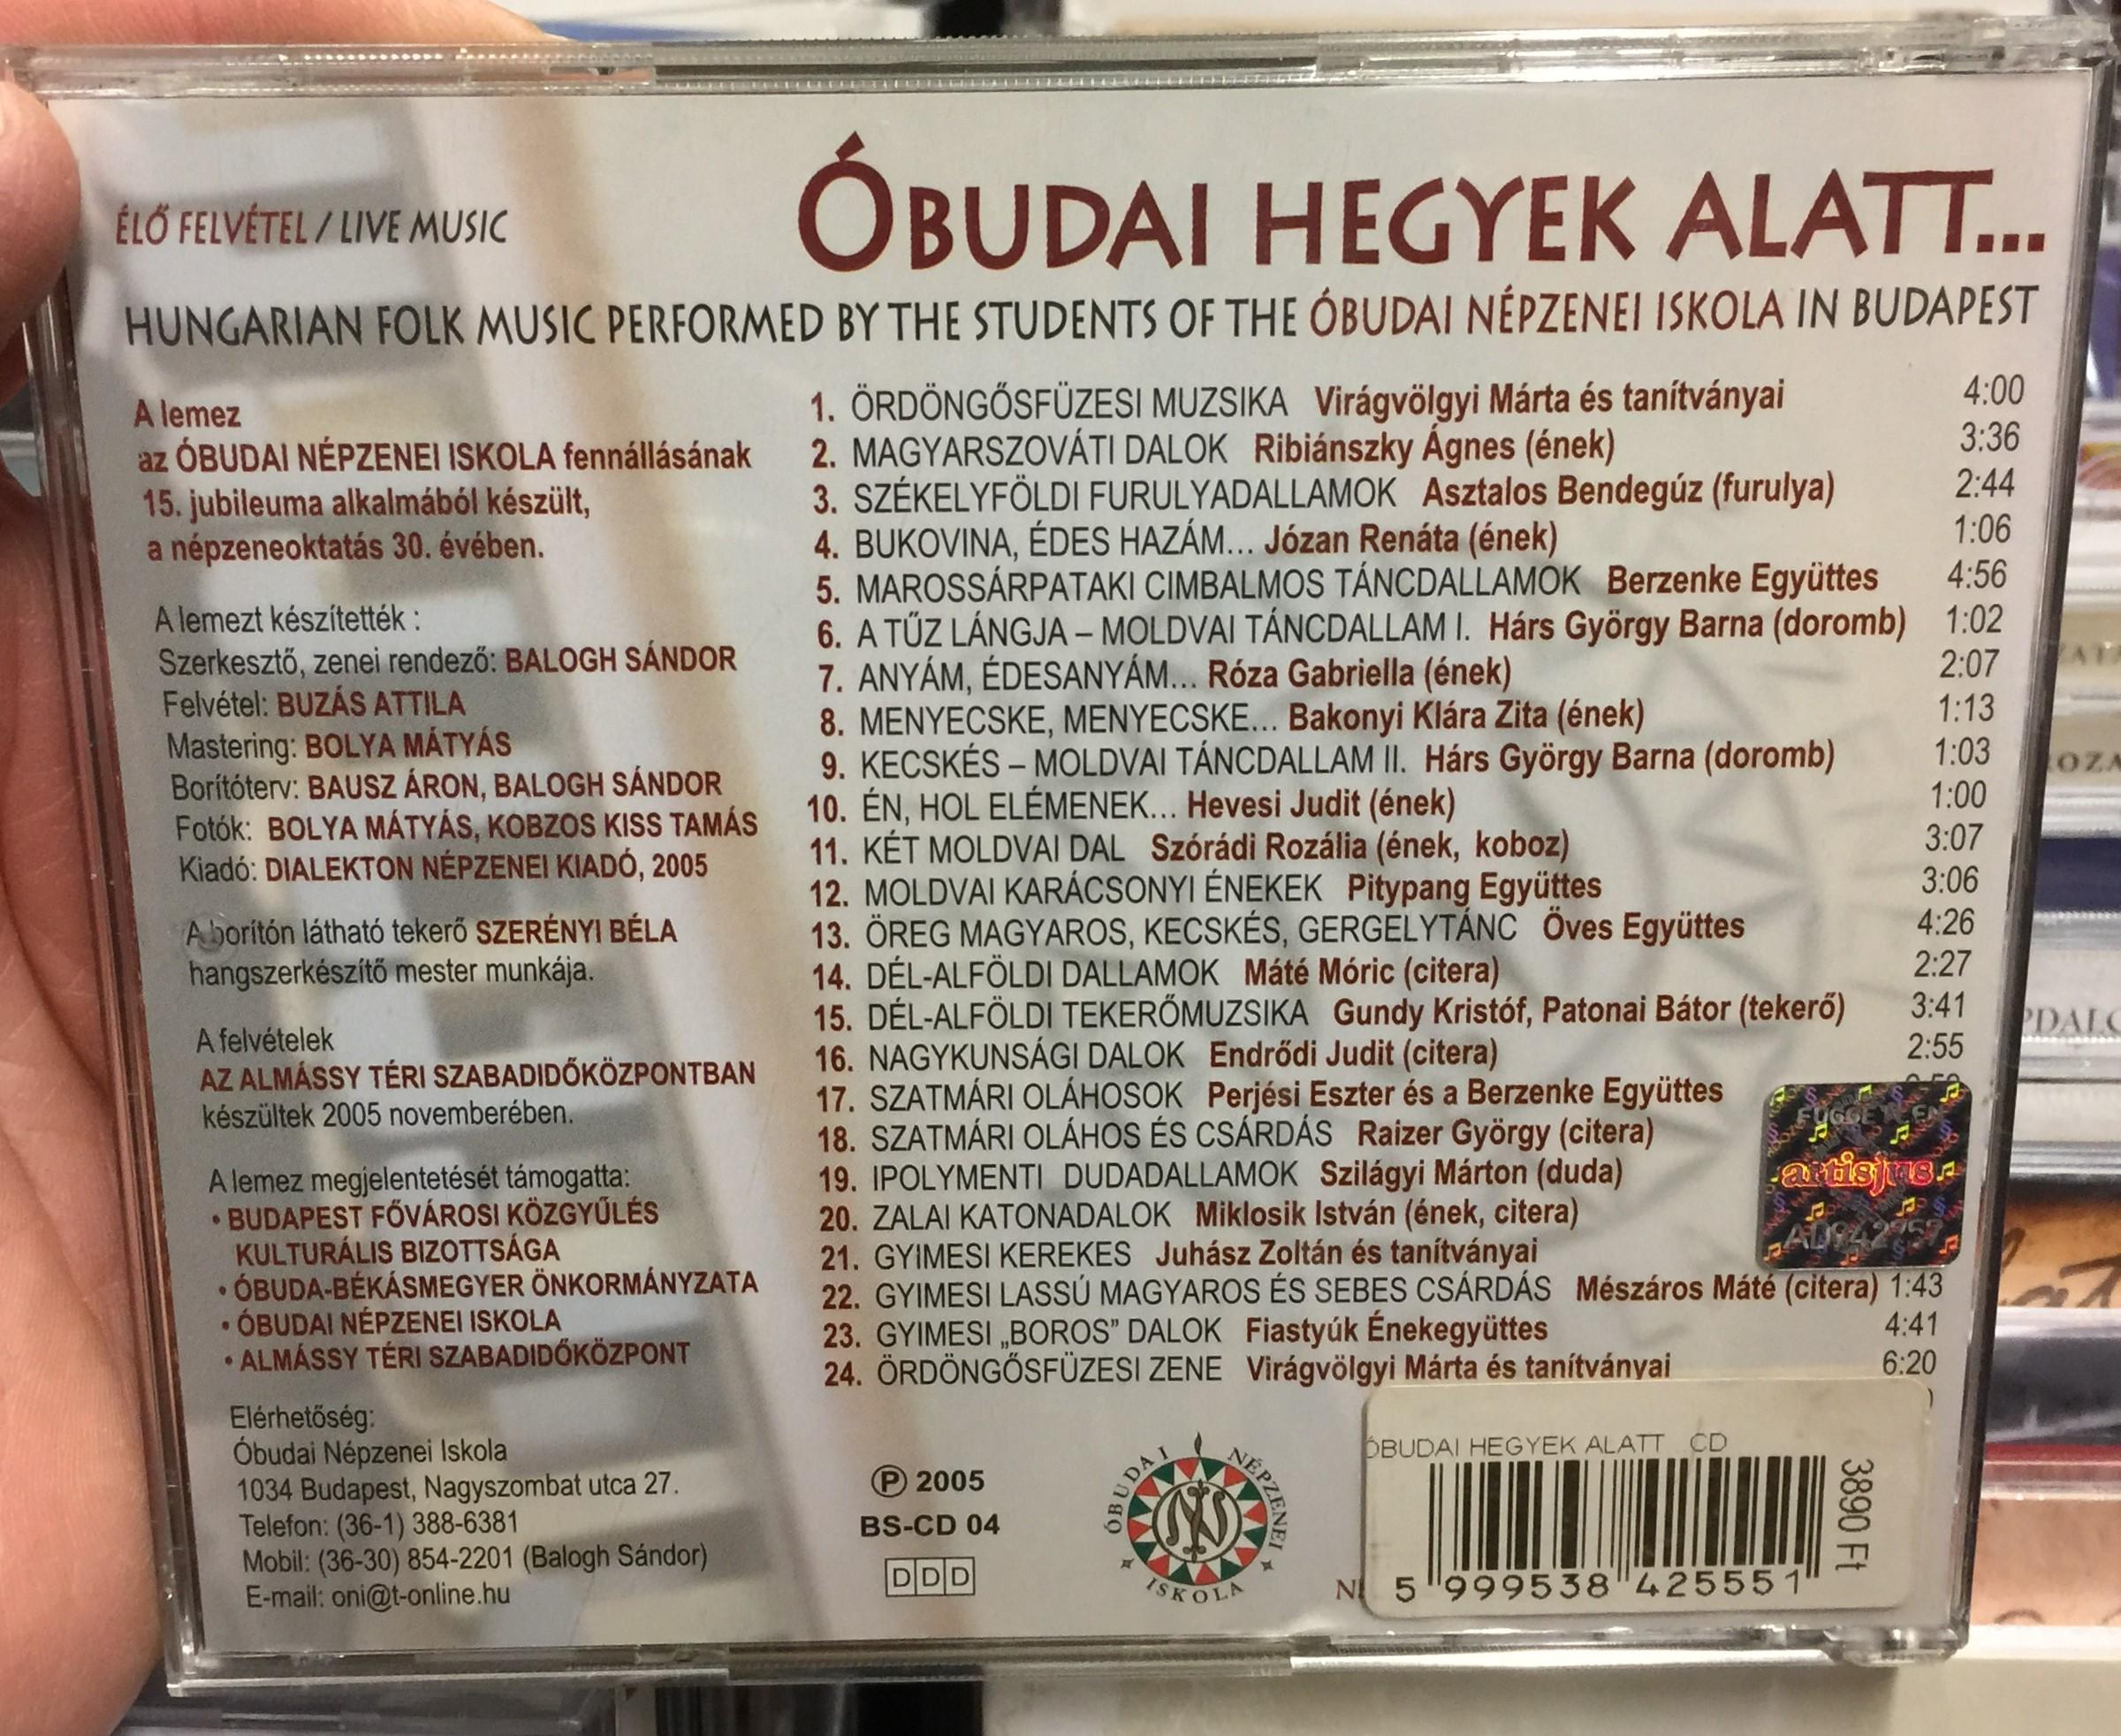 -budai-hegyek-alatt...-magyar-nepzene-az-budai-nepzenei-iskola-novendekeinek-eloadasaban-budai-nepzenei-iskola-audio-cd-2005-bs-cd-04-2-.jpg